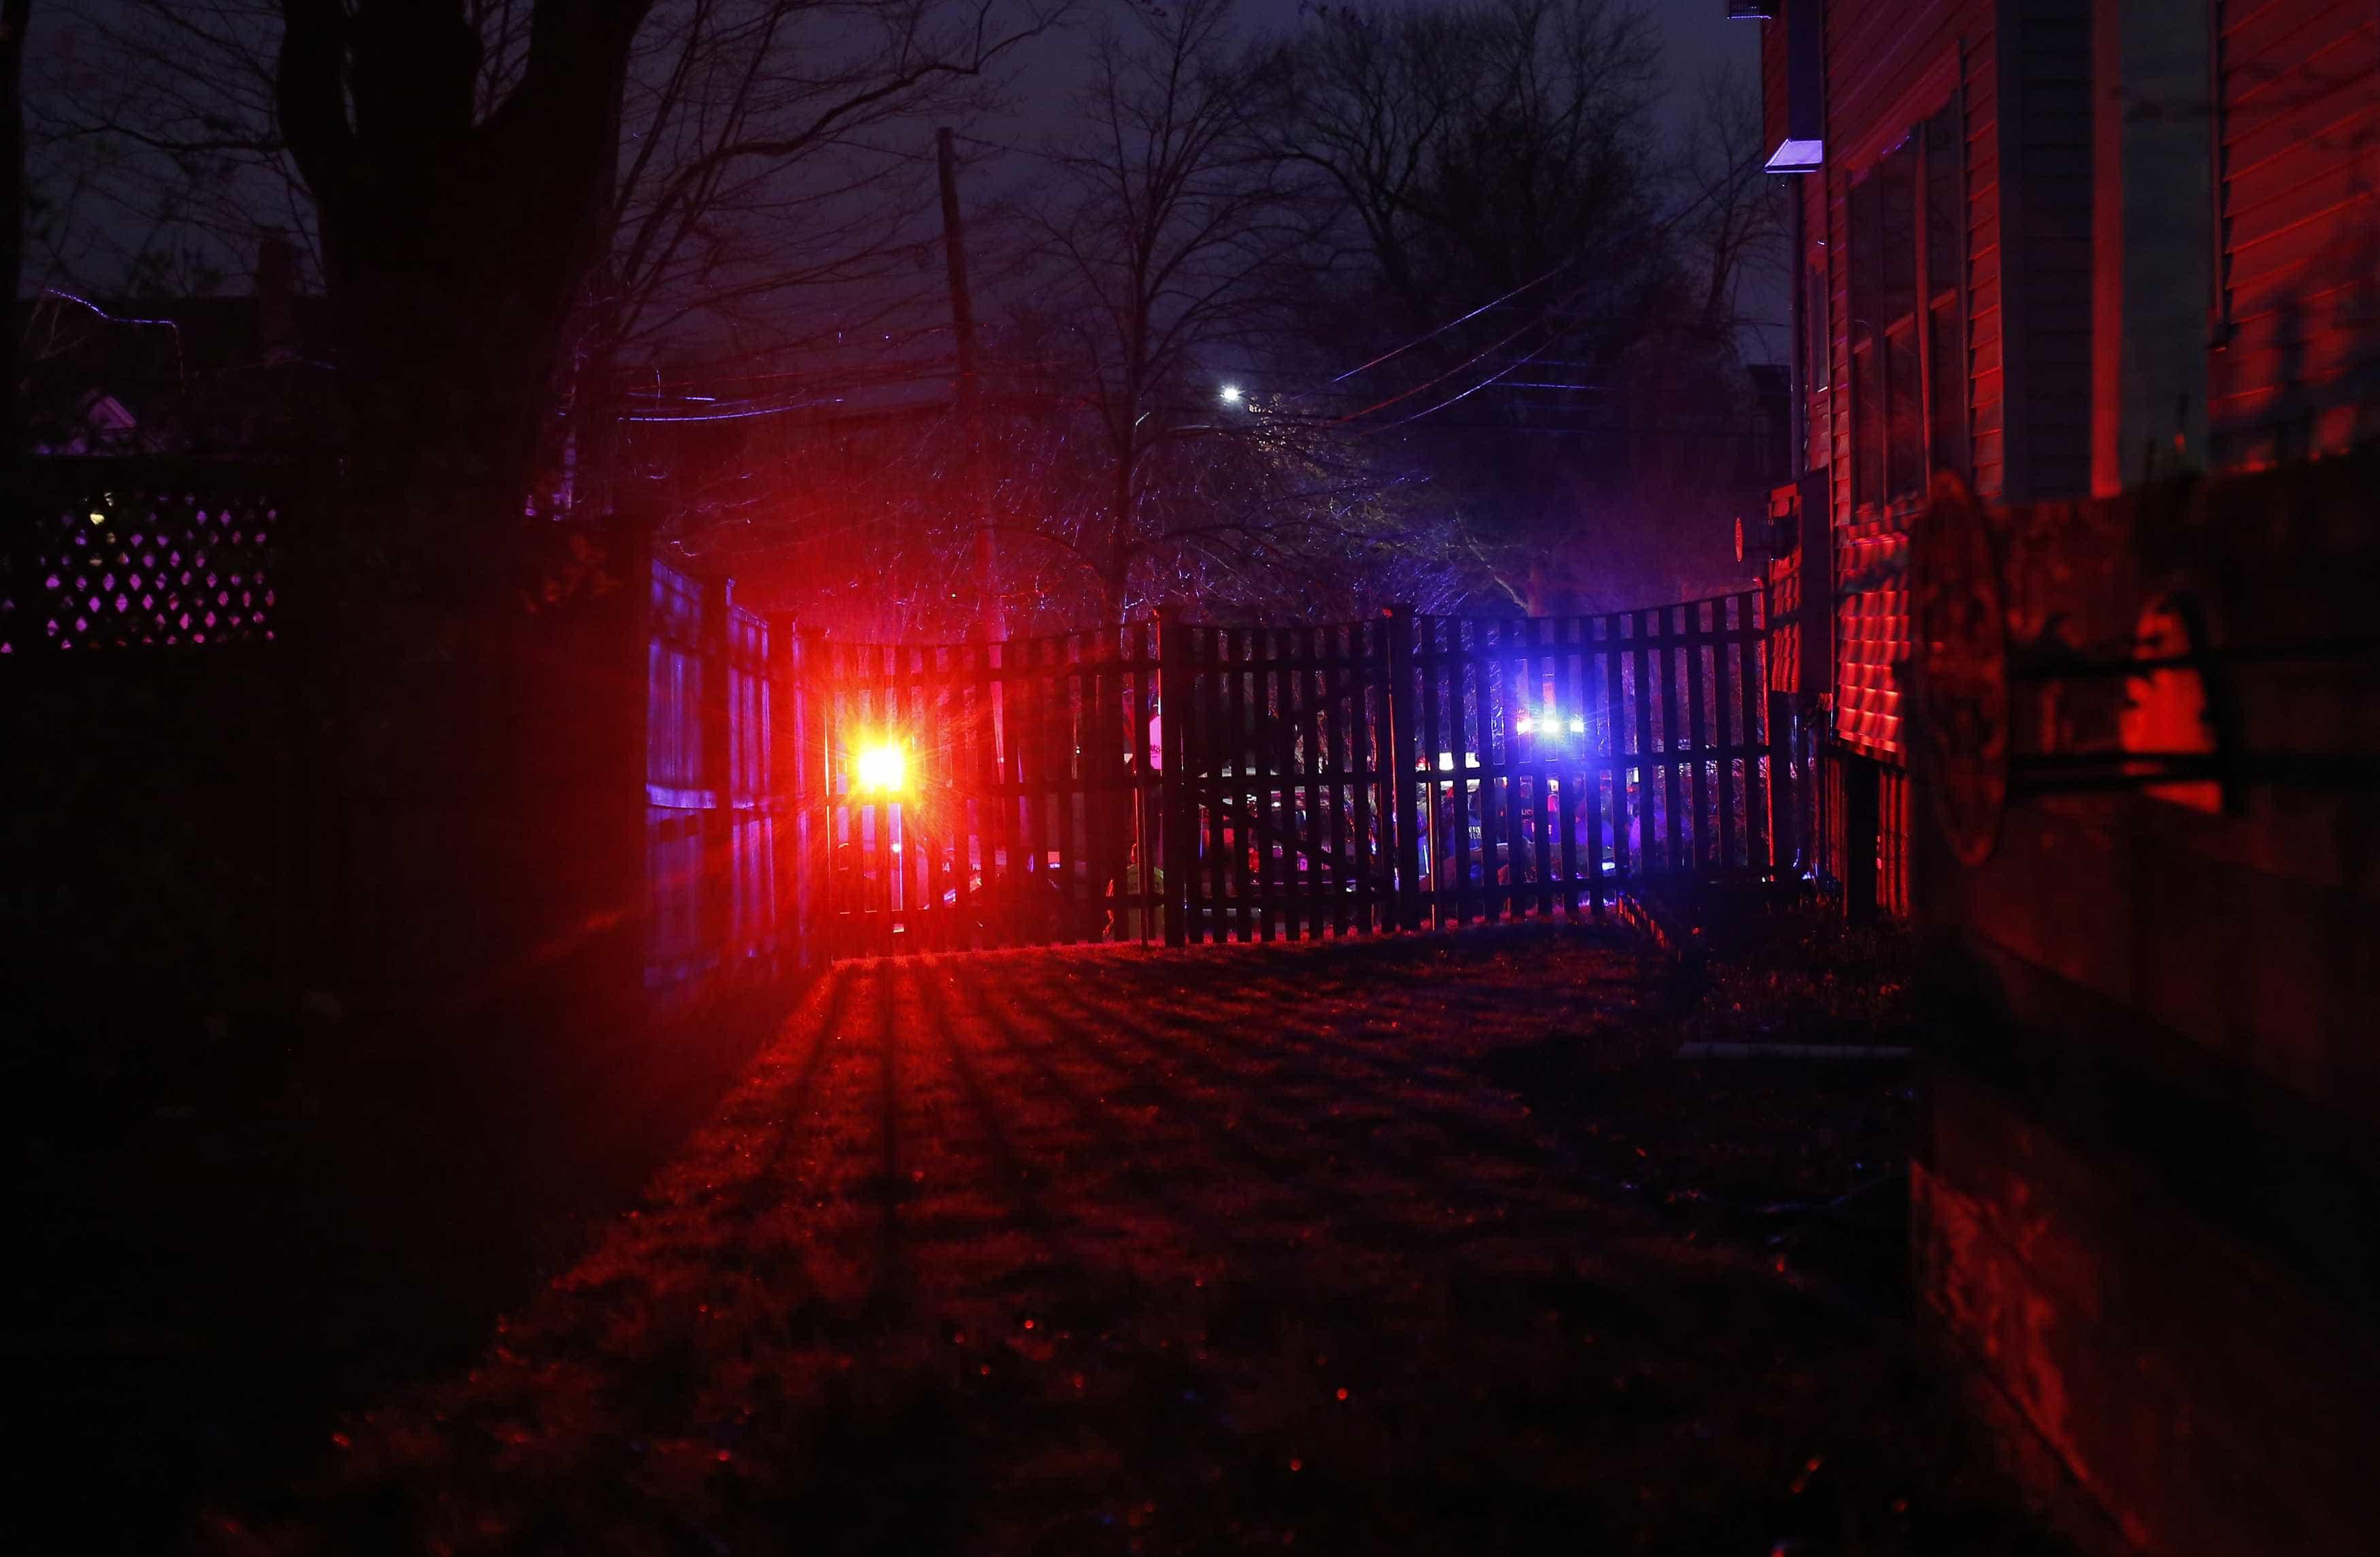 Homem mata ex-mulher a facadas na frente do filho no DF